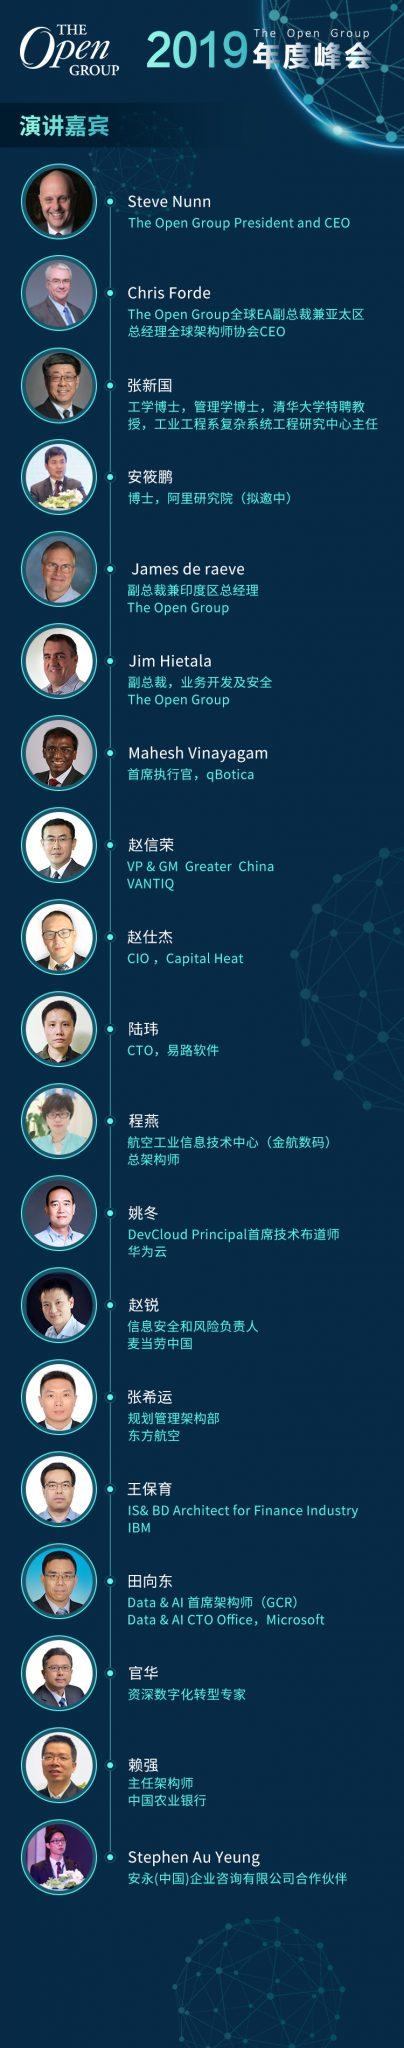 The open group 2019年度峰会 -- 第3张